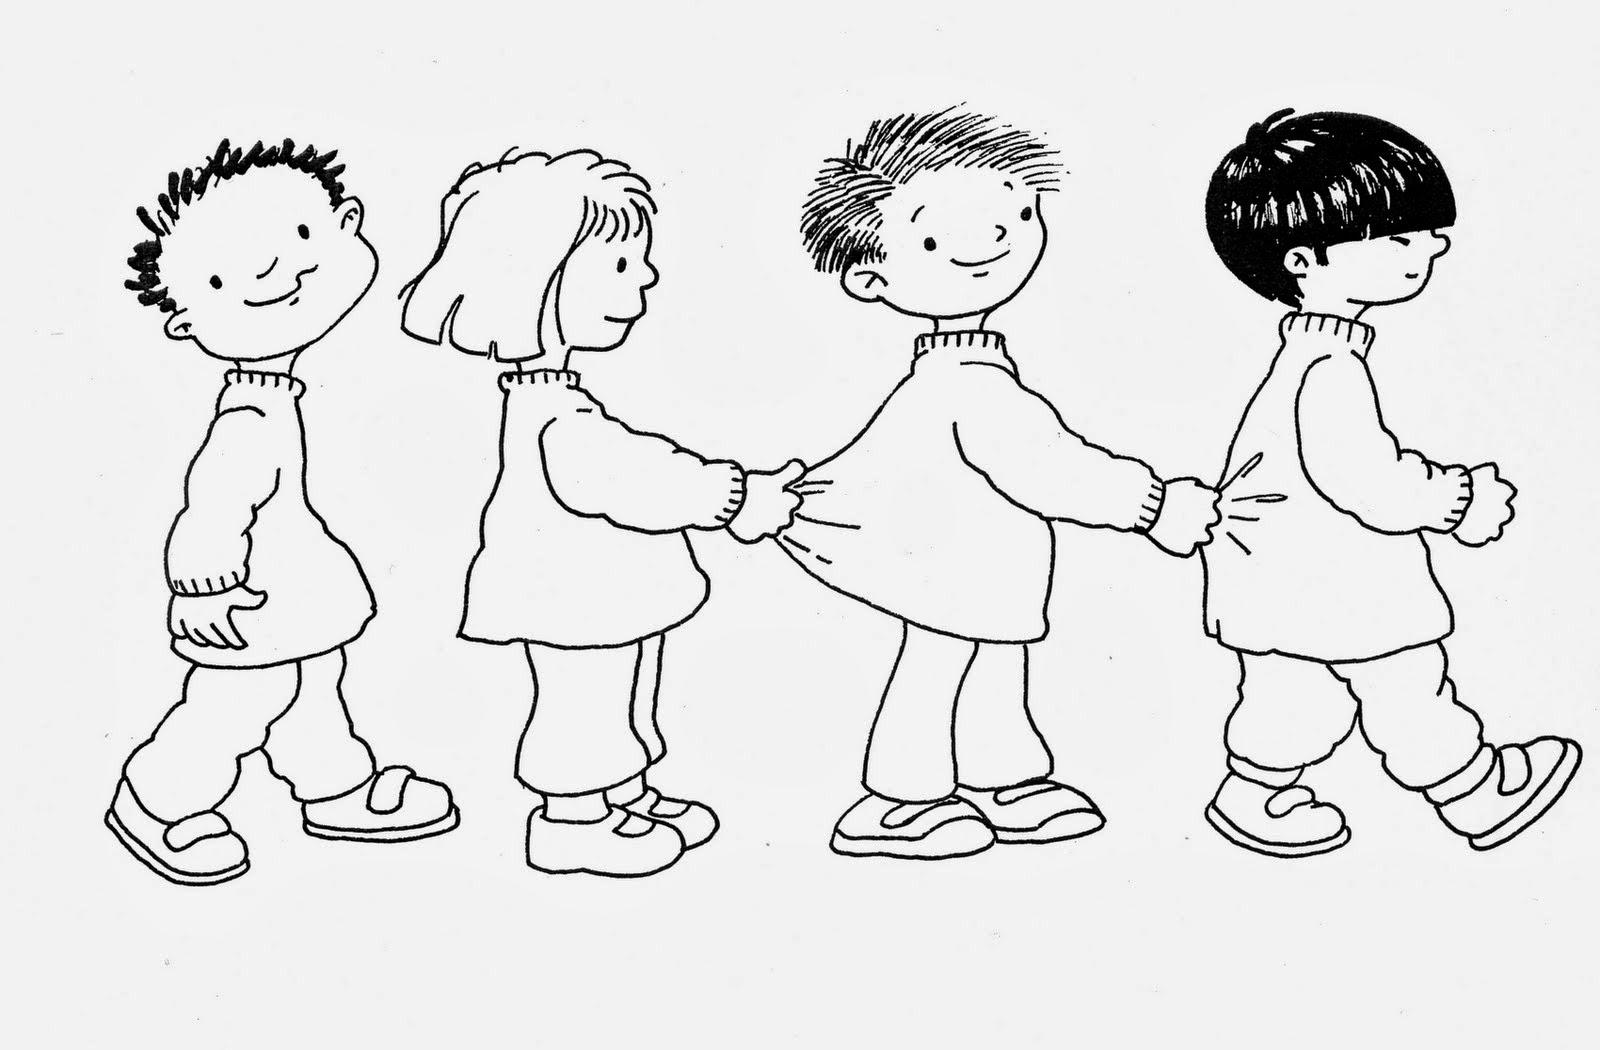 niños-en-fila-para-colorear